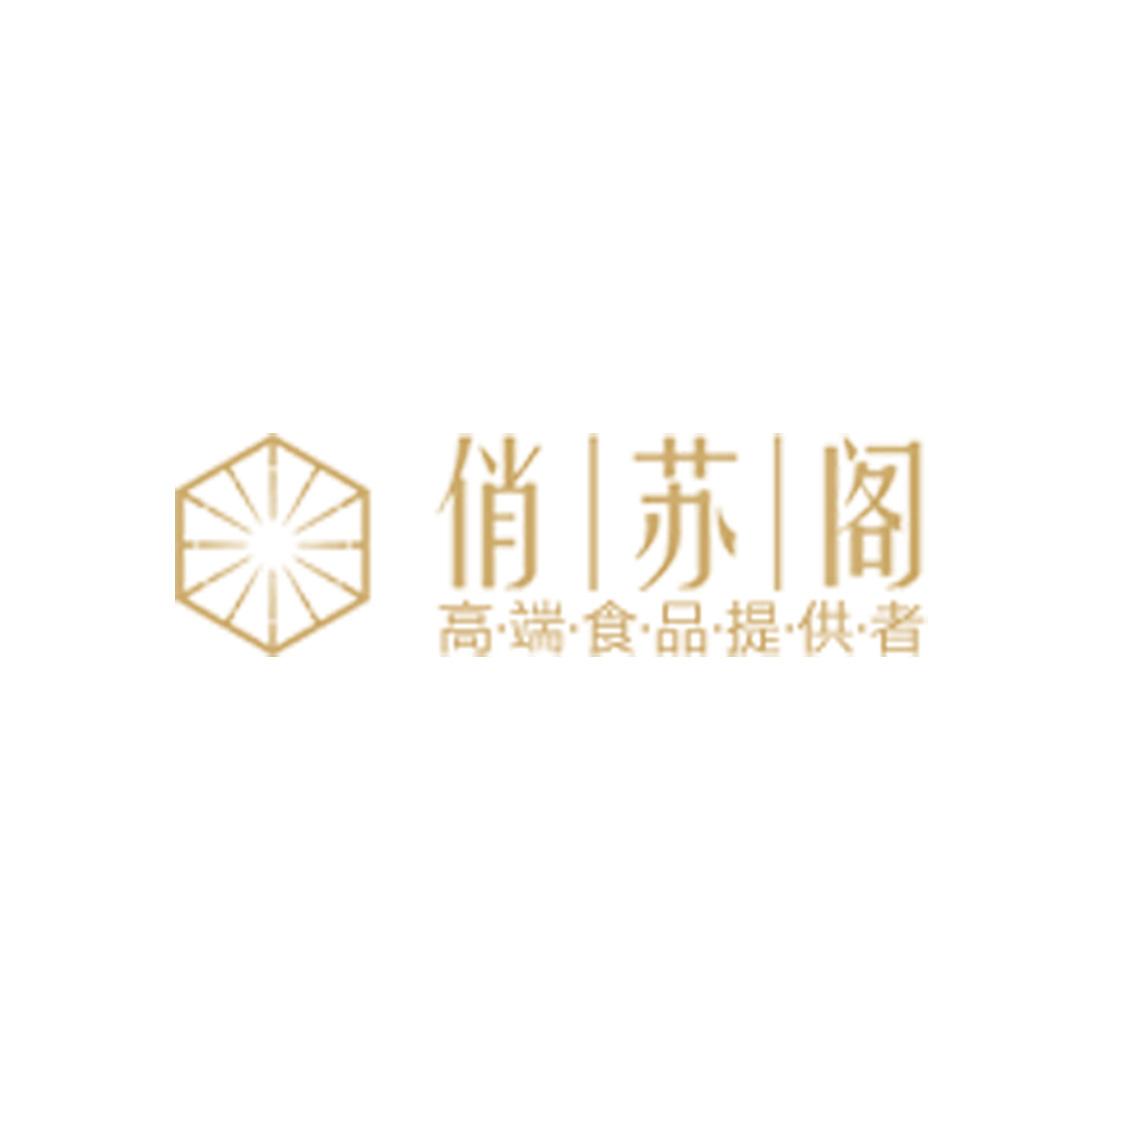 昆山江南俏苏阁餐饮有限公司